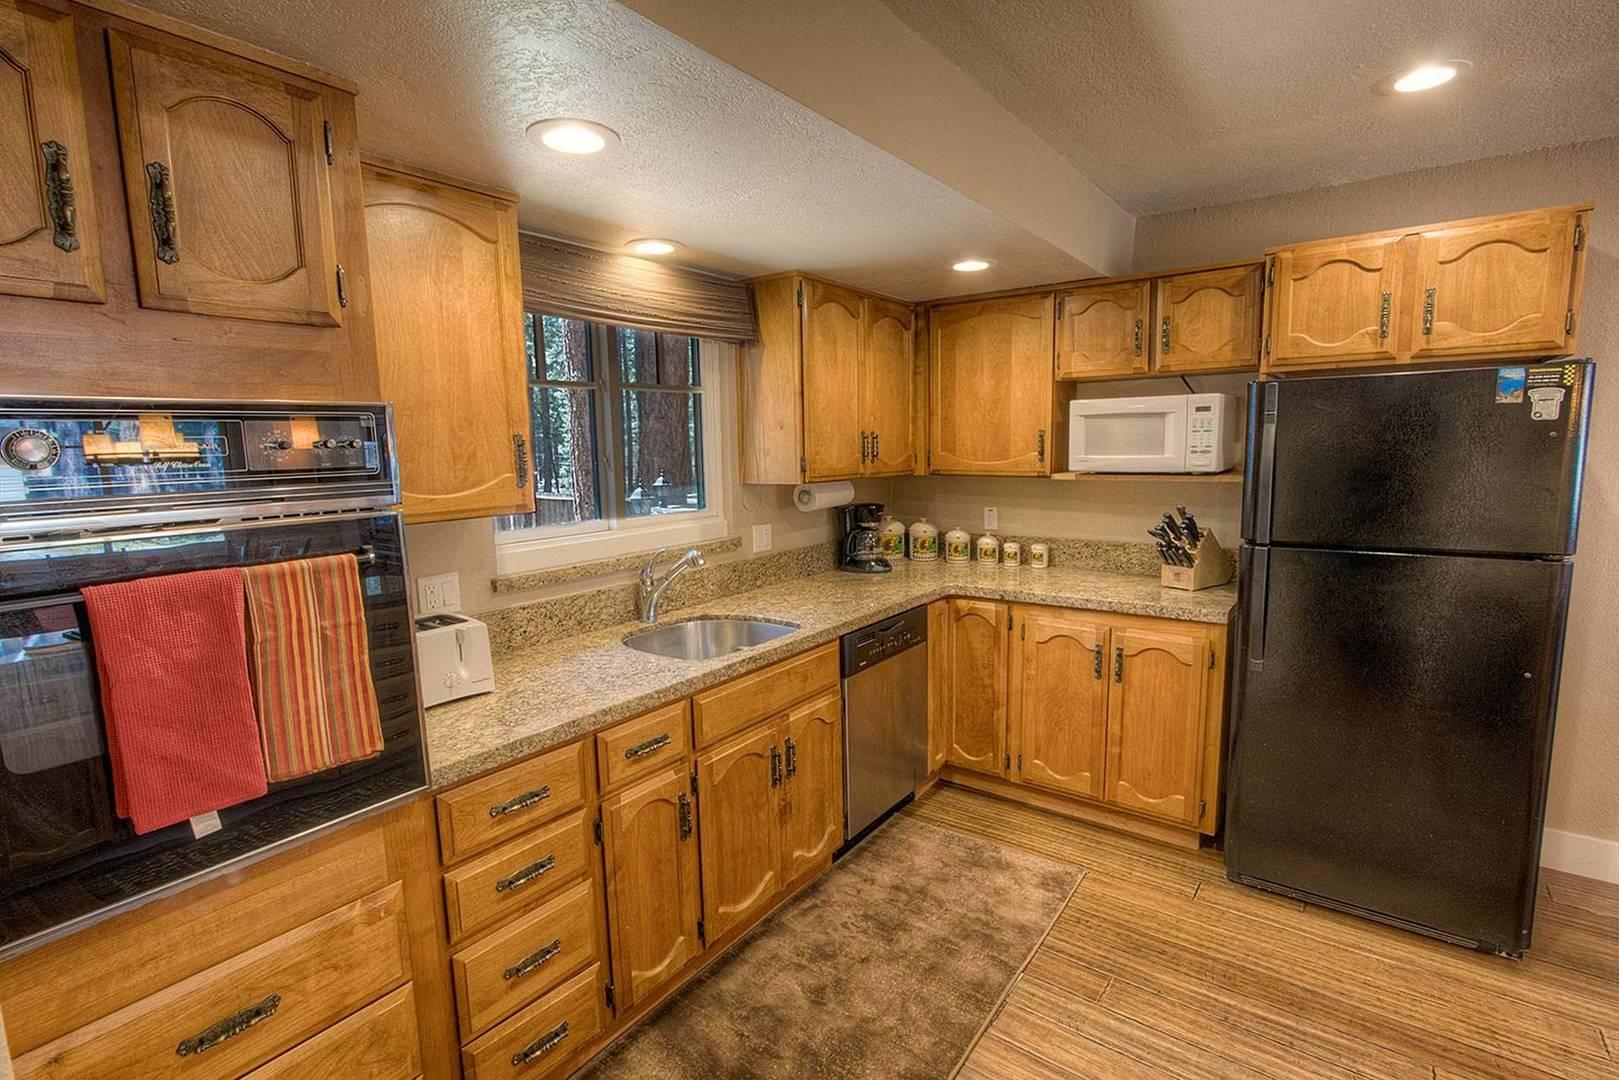 hch0682 kitchen